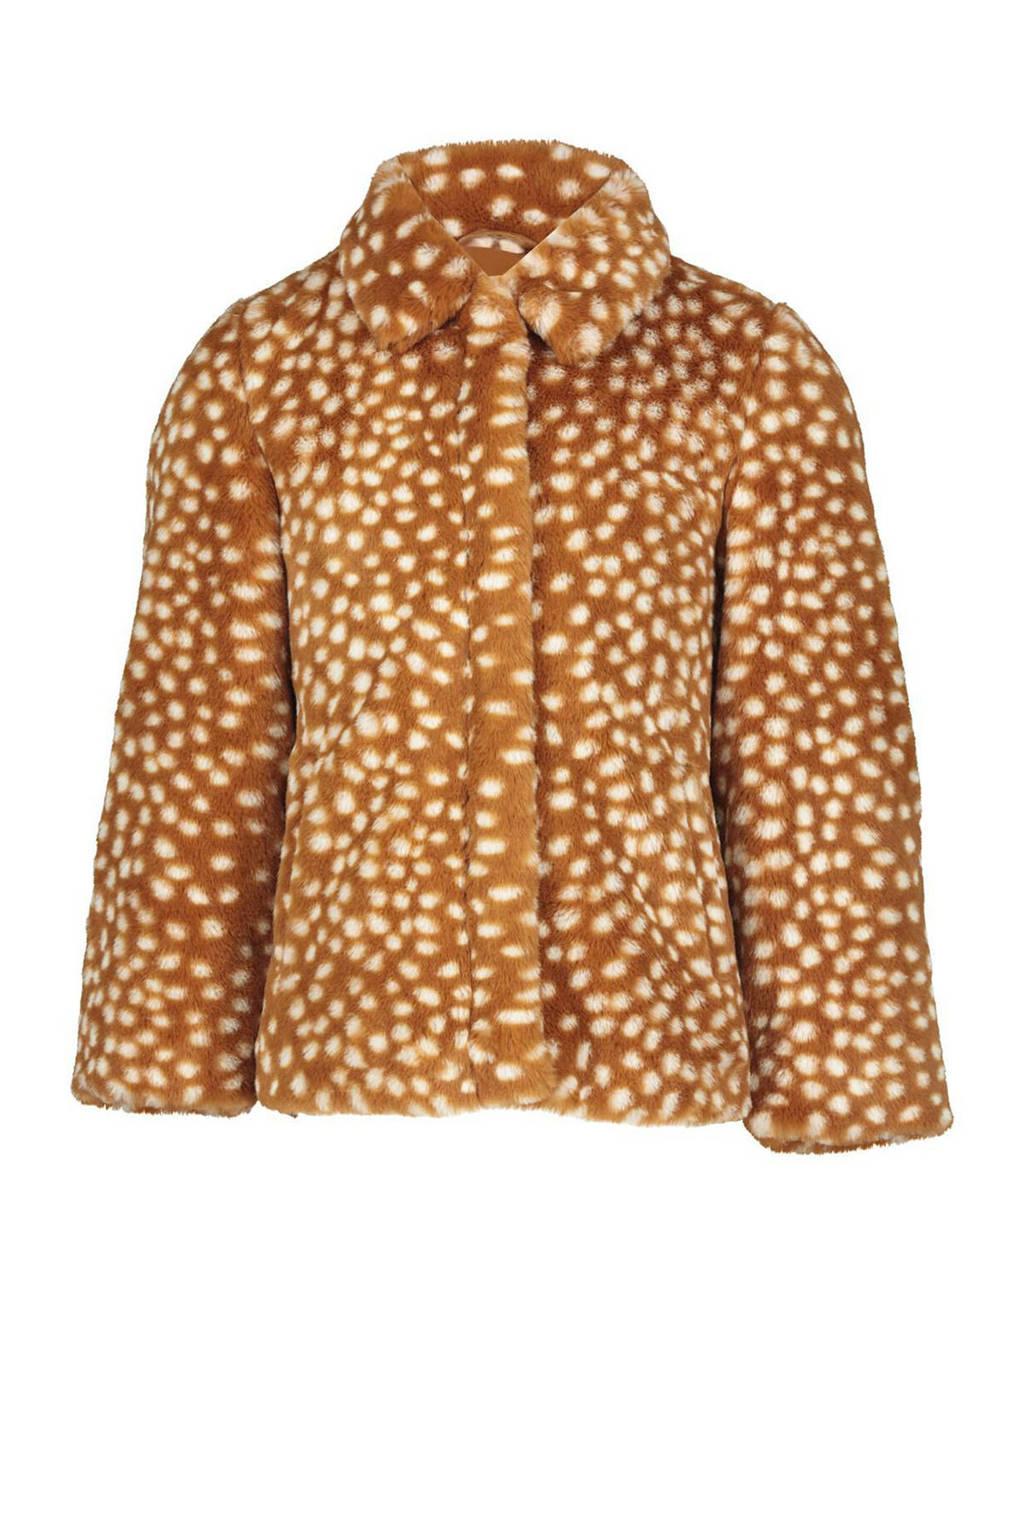 HEMA imitatiebont winterjas met all over print bruin/wit, Bruin/wit